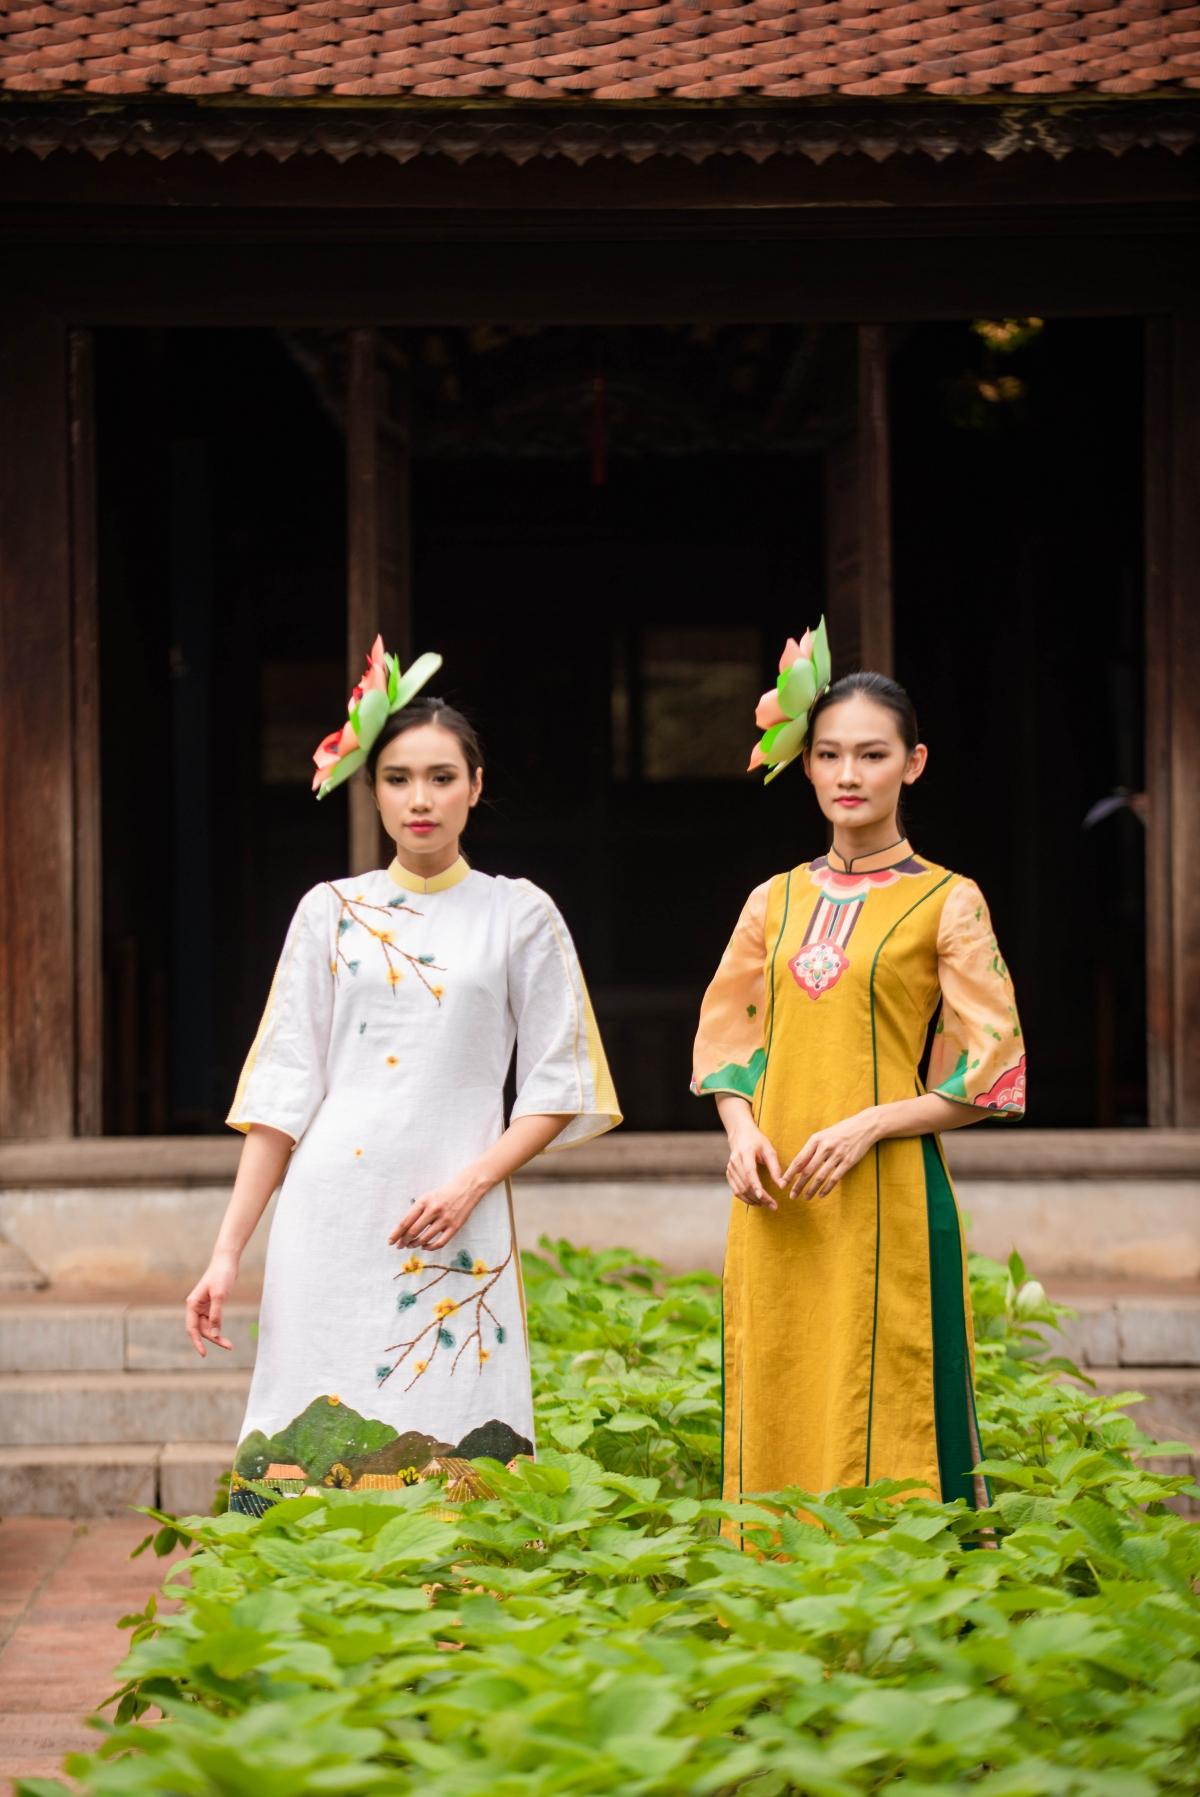 Tham dự chương trình sẽ có 15 nhà thiết kế (NTK) trong cả nước, giới thiệu 15 bộ sưu tập áo dài lấy ý tưởng từ 15 quốc gia trên thế giới.